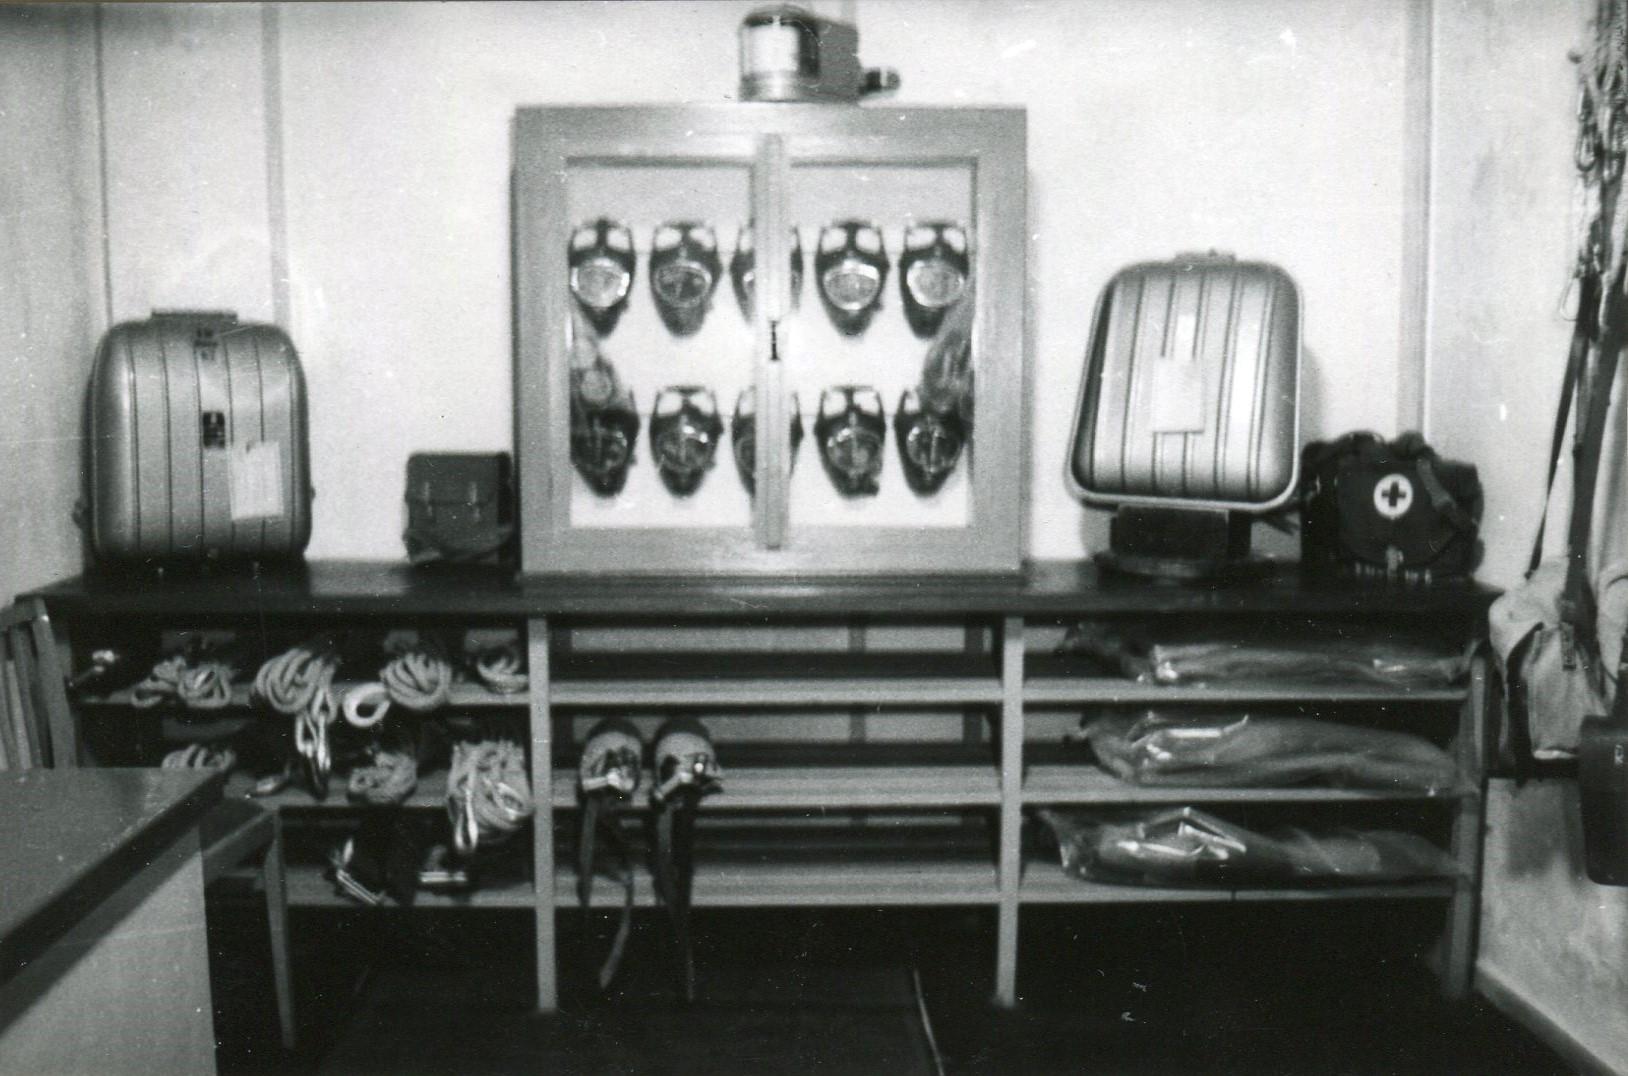 Maskenschrank und Regal für Zubehör, links Pulmotor, rechts Reservegerät